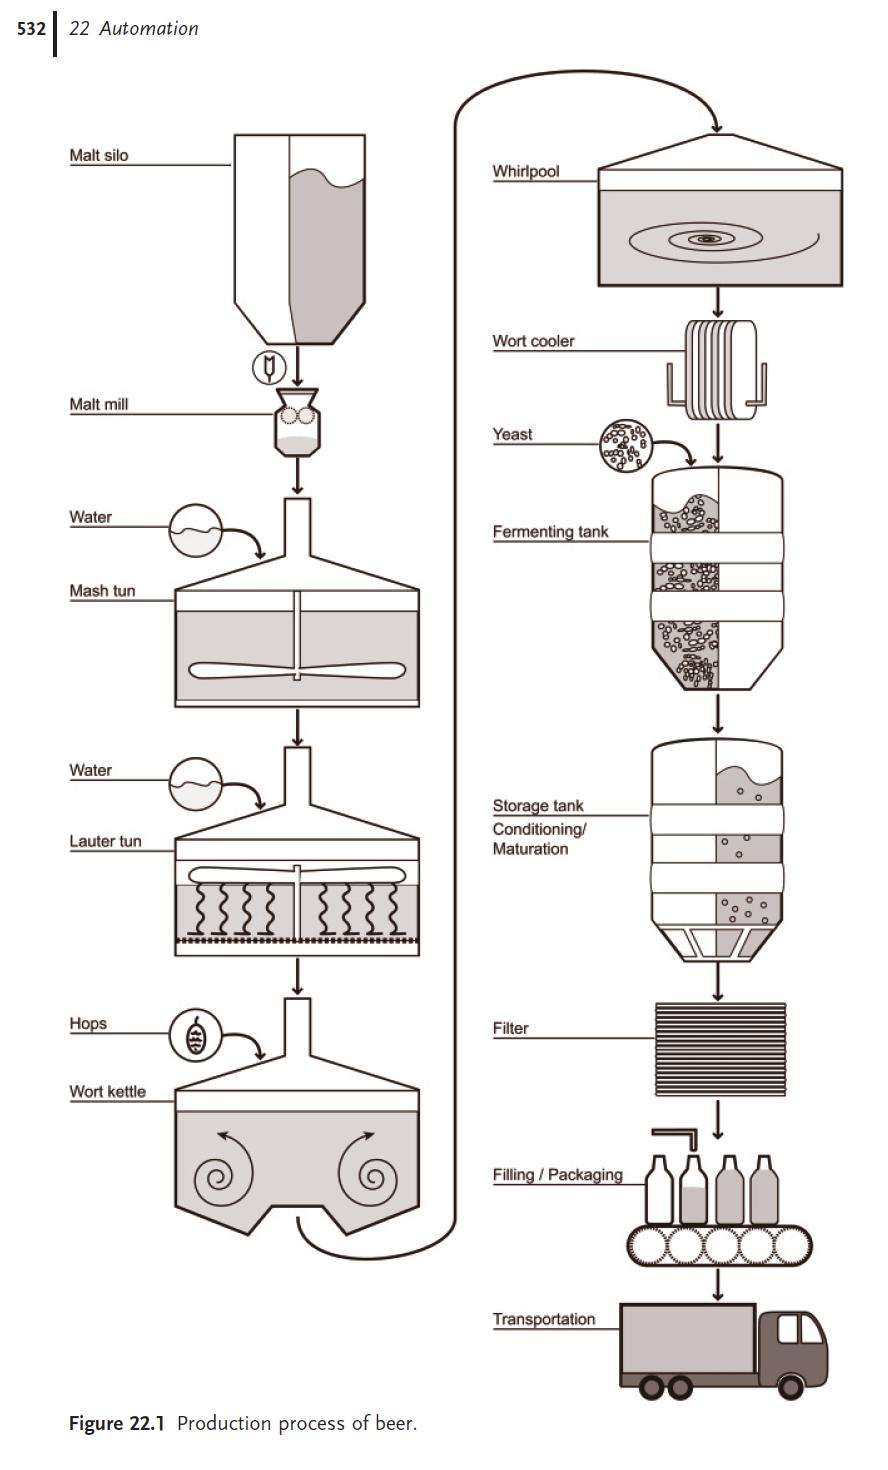 Brauerei Produktionsprozess